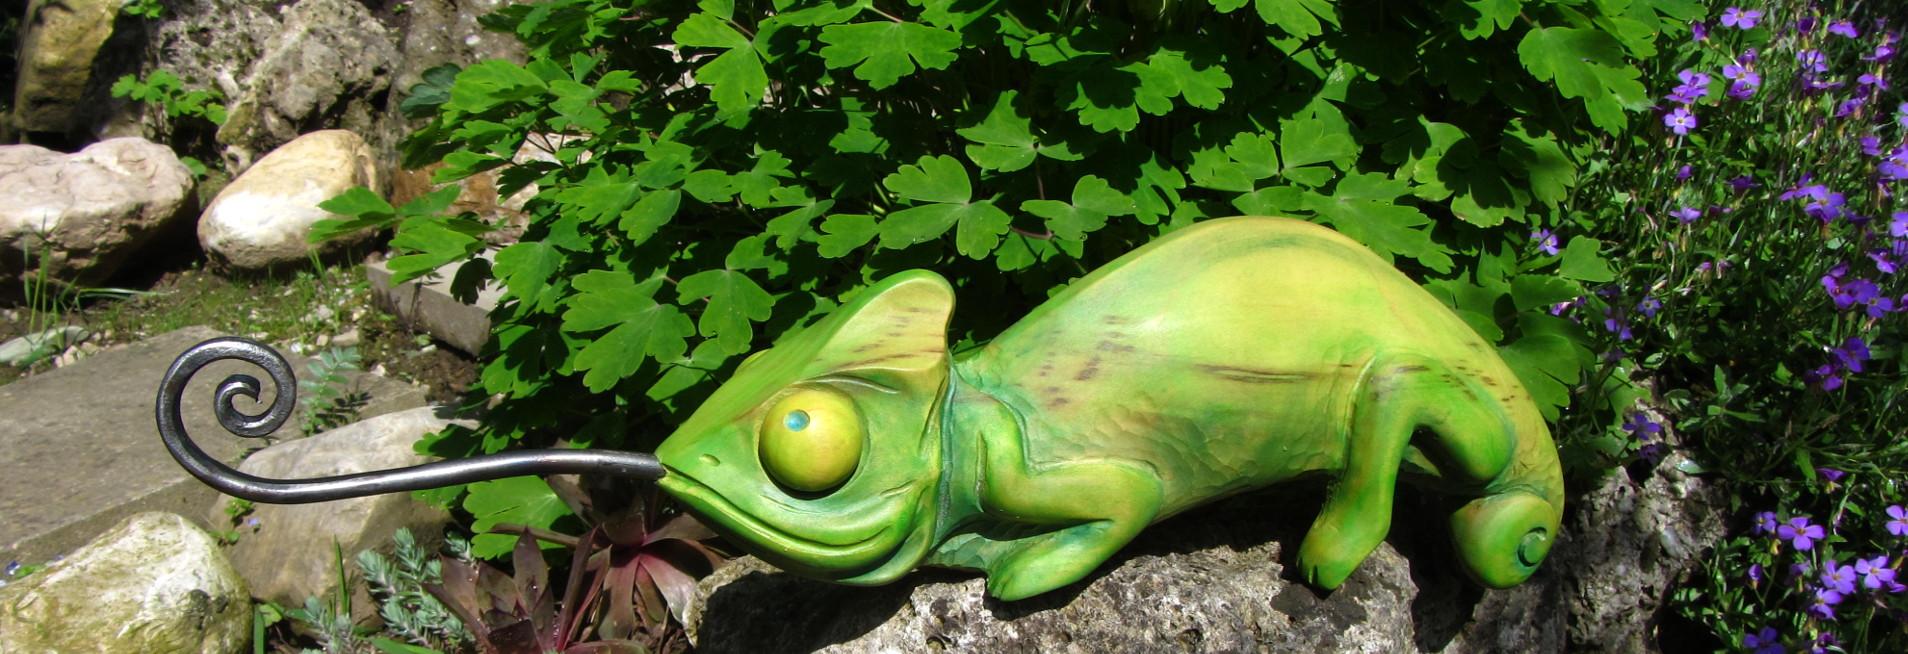 Chameleon volný